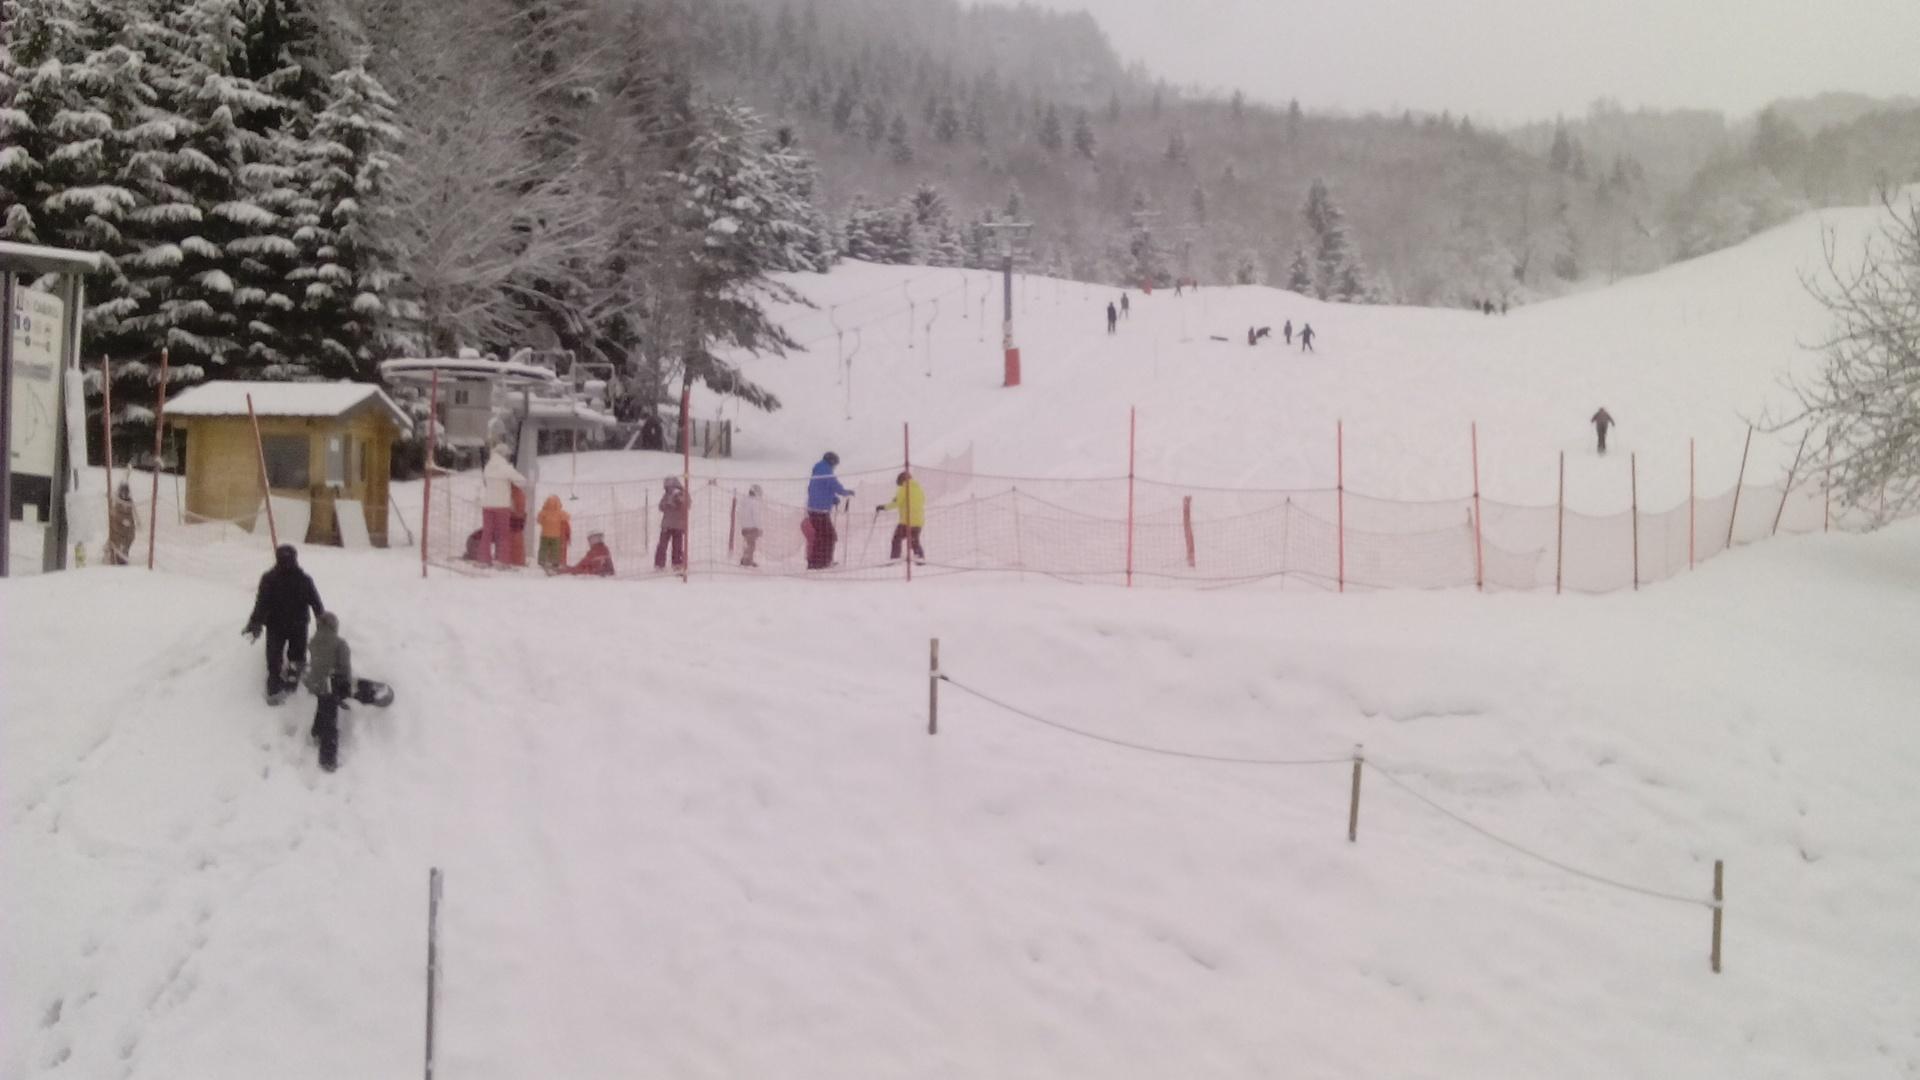 pistes avec skieurs